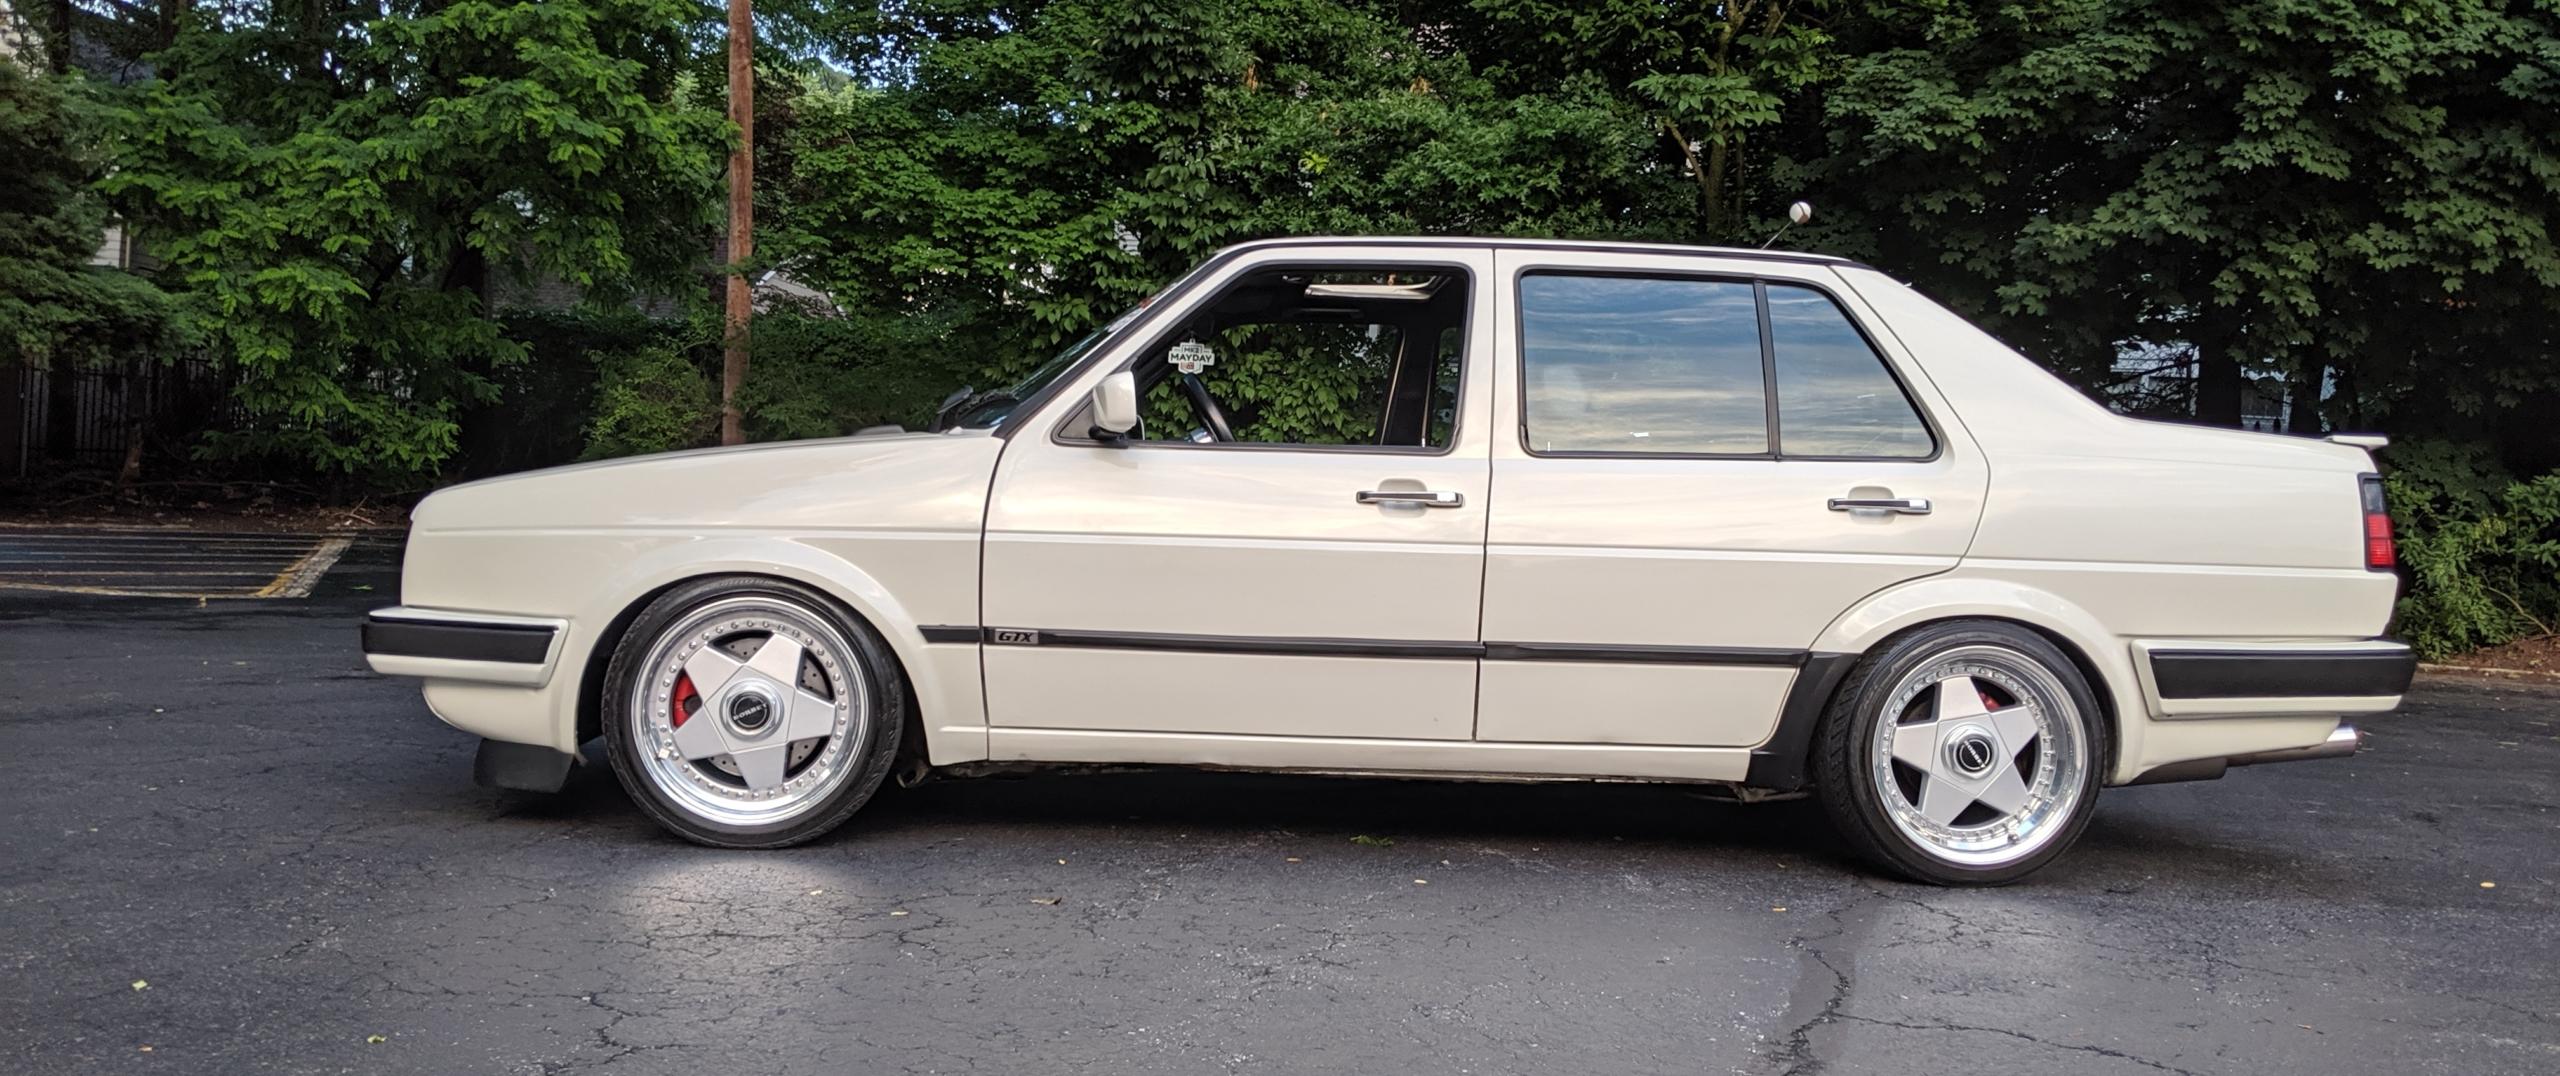 VW – Jetta – Beige – BORBET – A – Silber – 16 Zoll